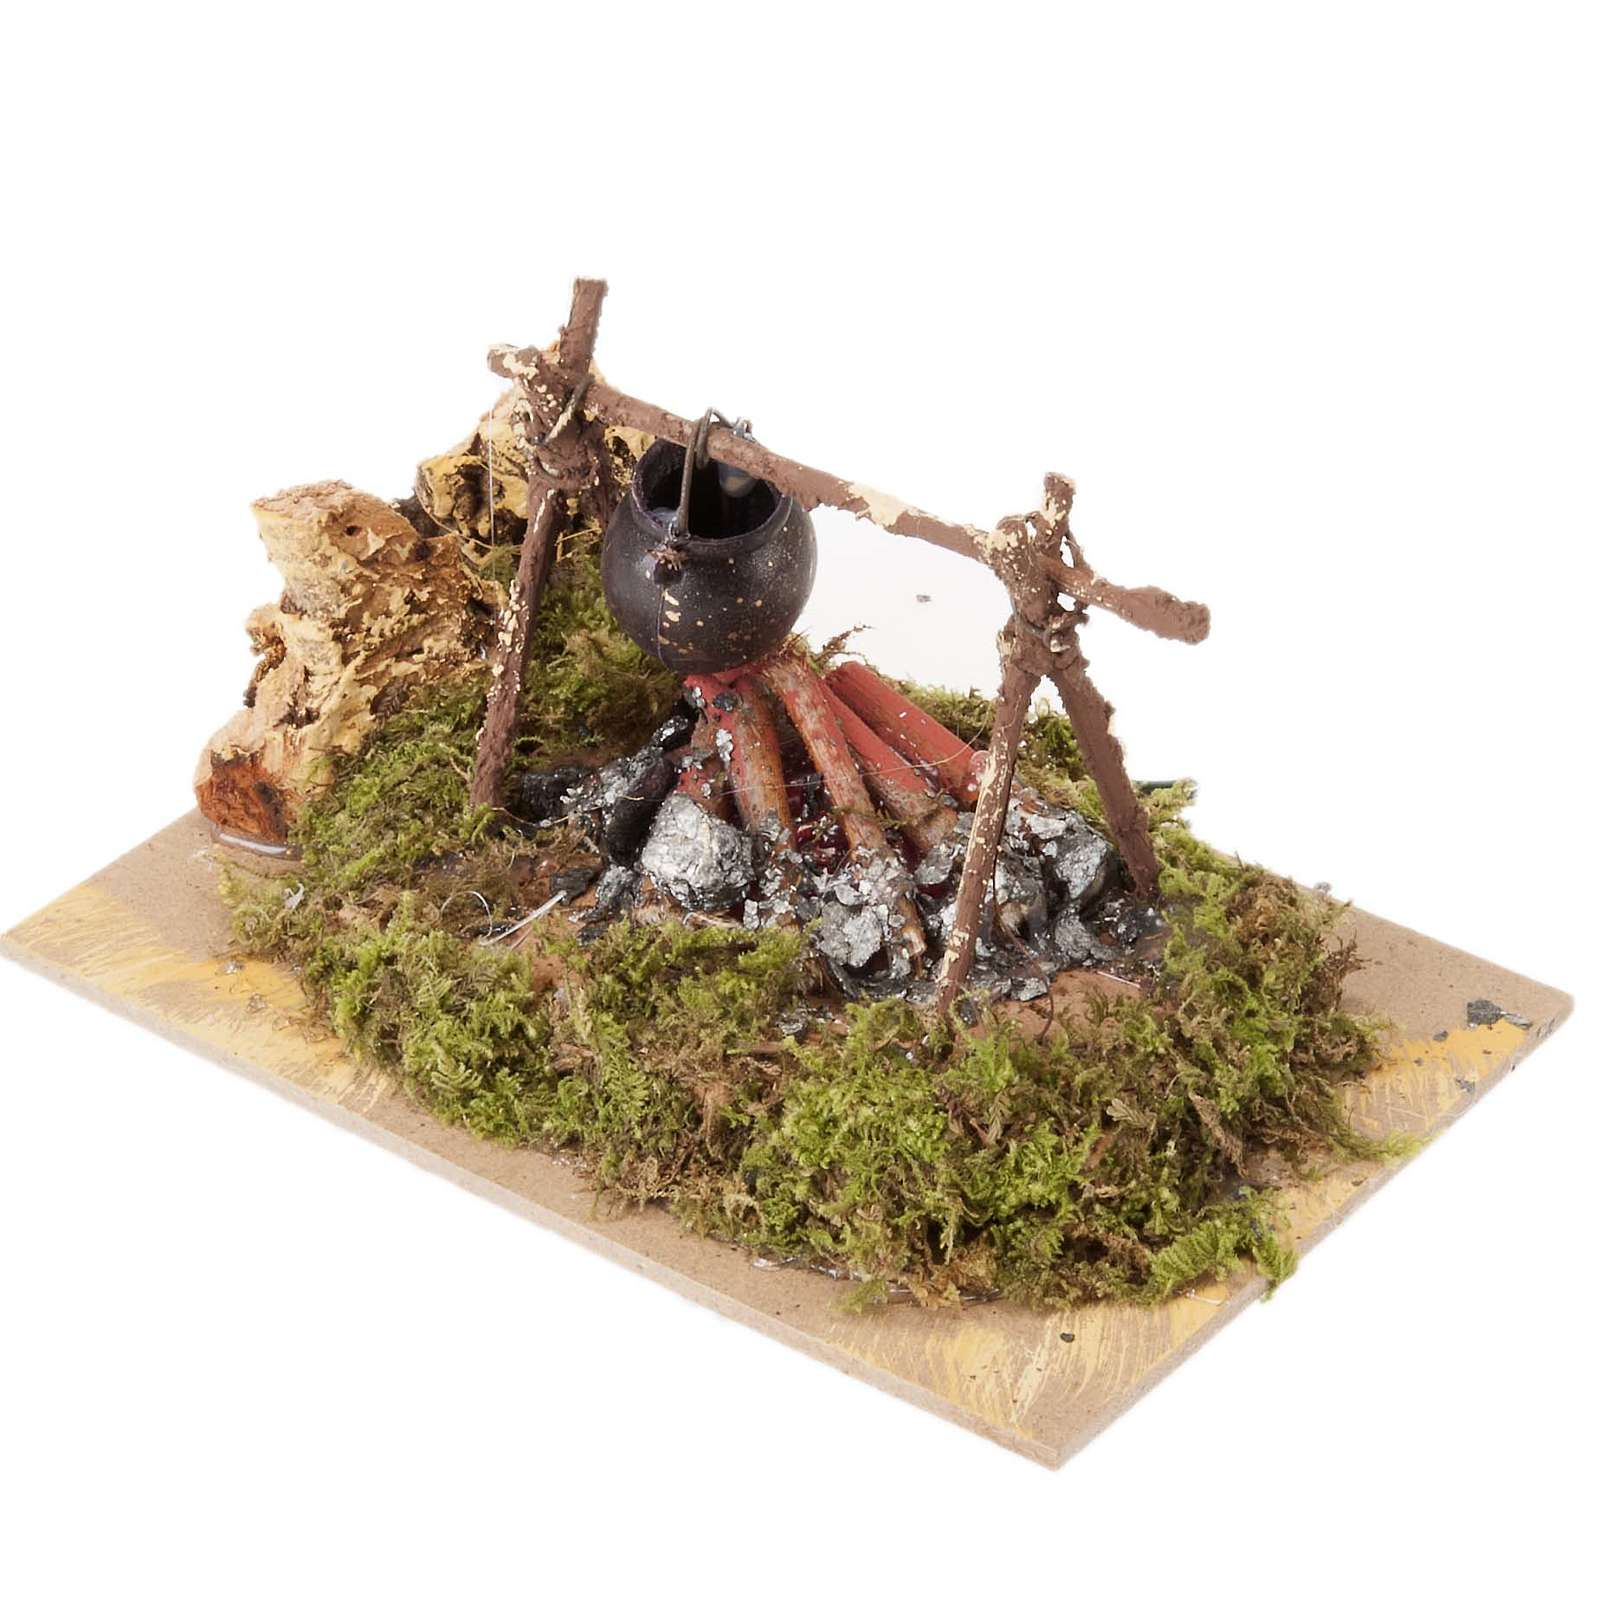 Milieu crèche Noel, feu avec casserole piles 15x10 4